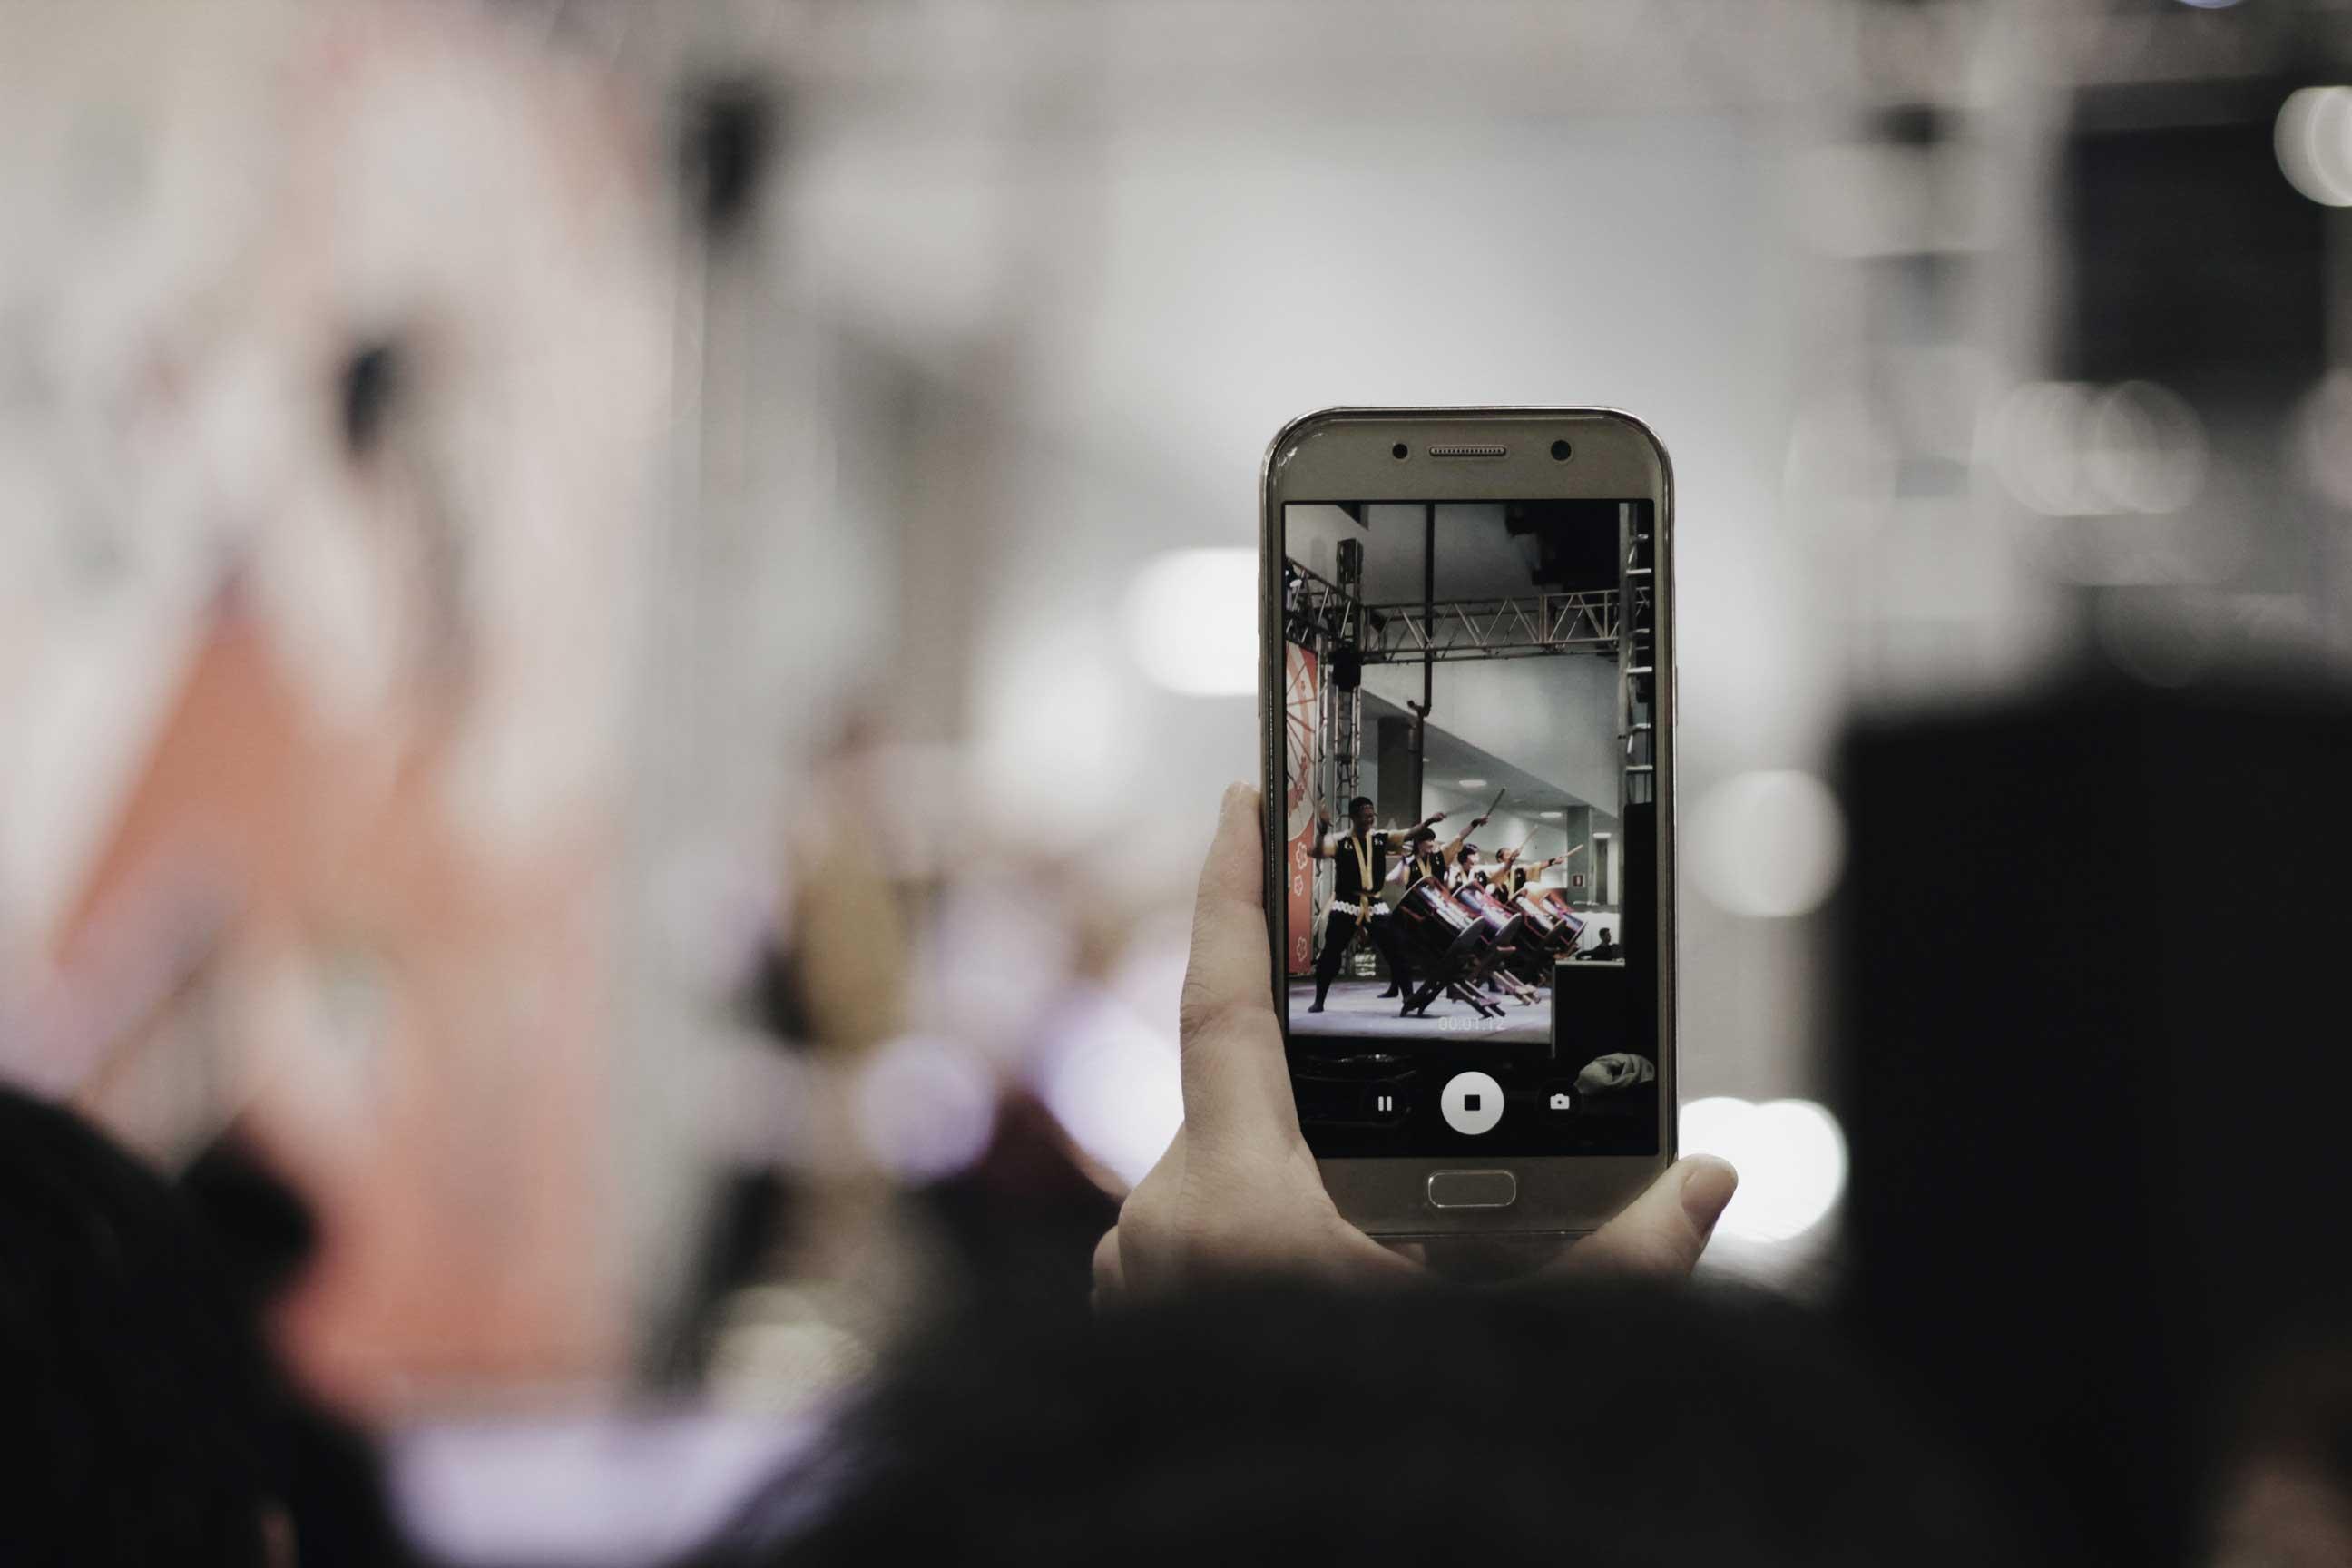 Larga vida a la Generación Z: influencers menores de 25 años que lo petan